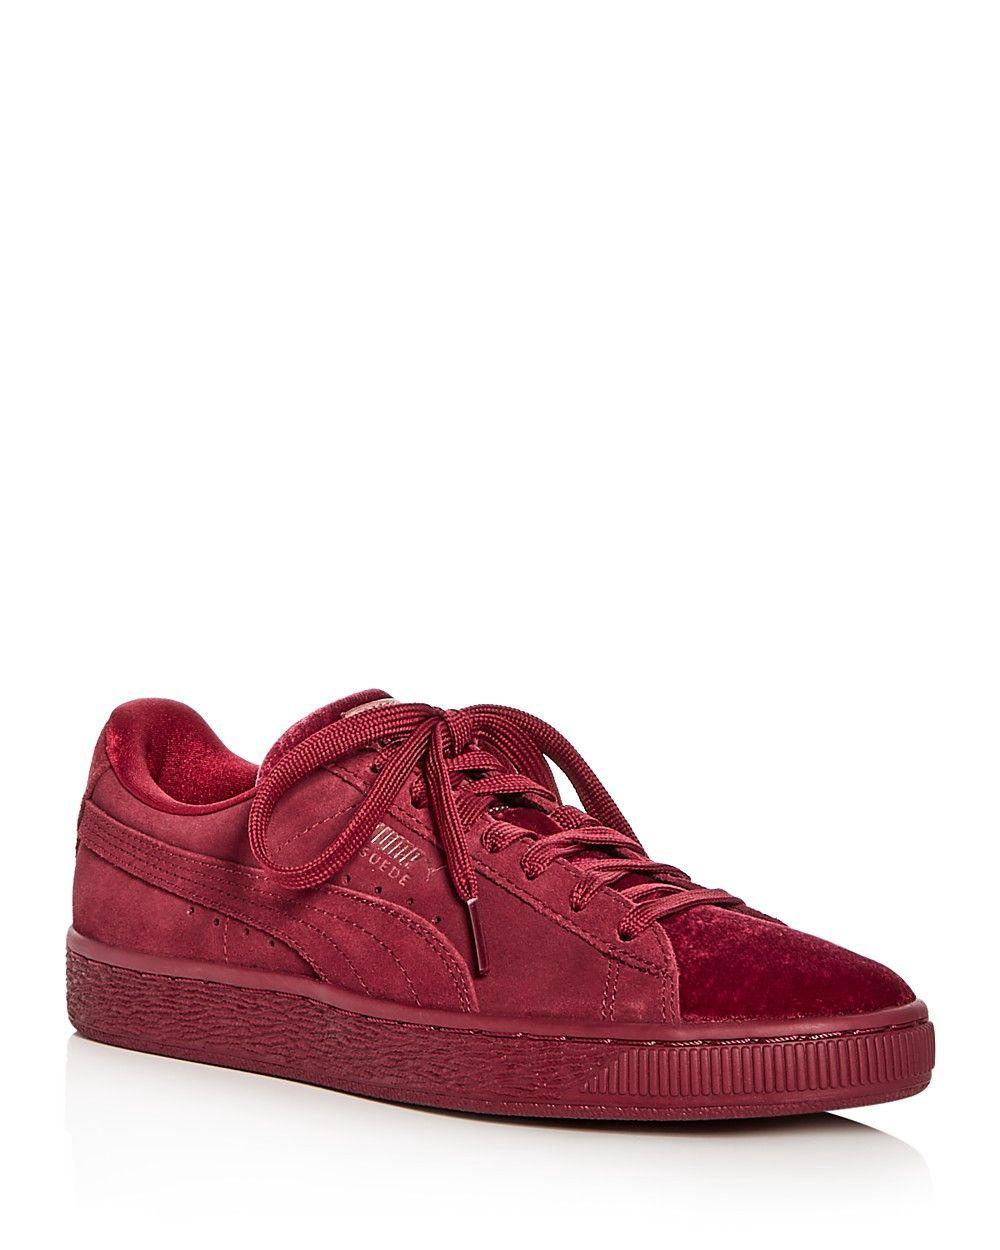 83d4e985c2cd PUMA PUMA Women s Classic Suede   Velvet Lace Up Sneakers.  puma  shoes